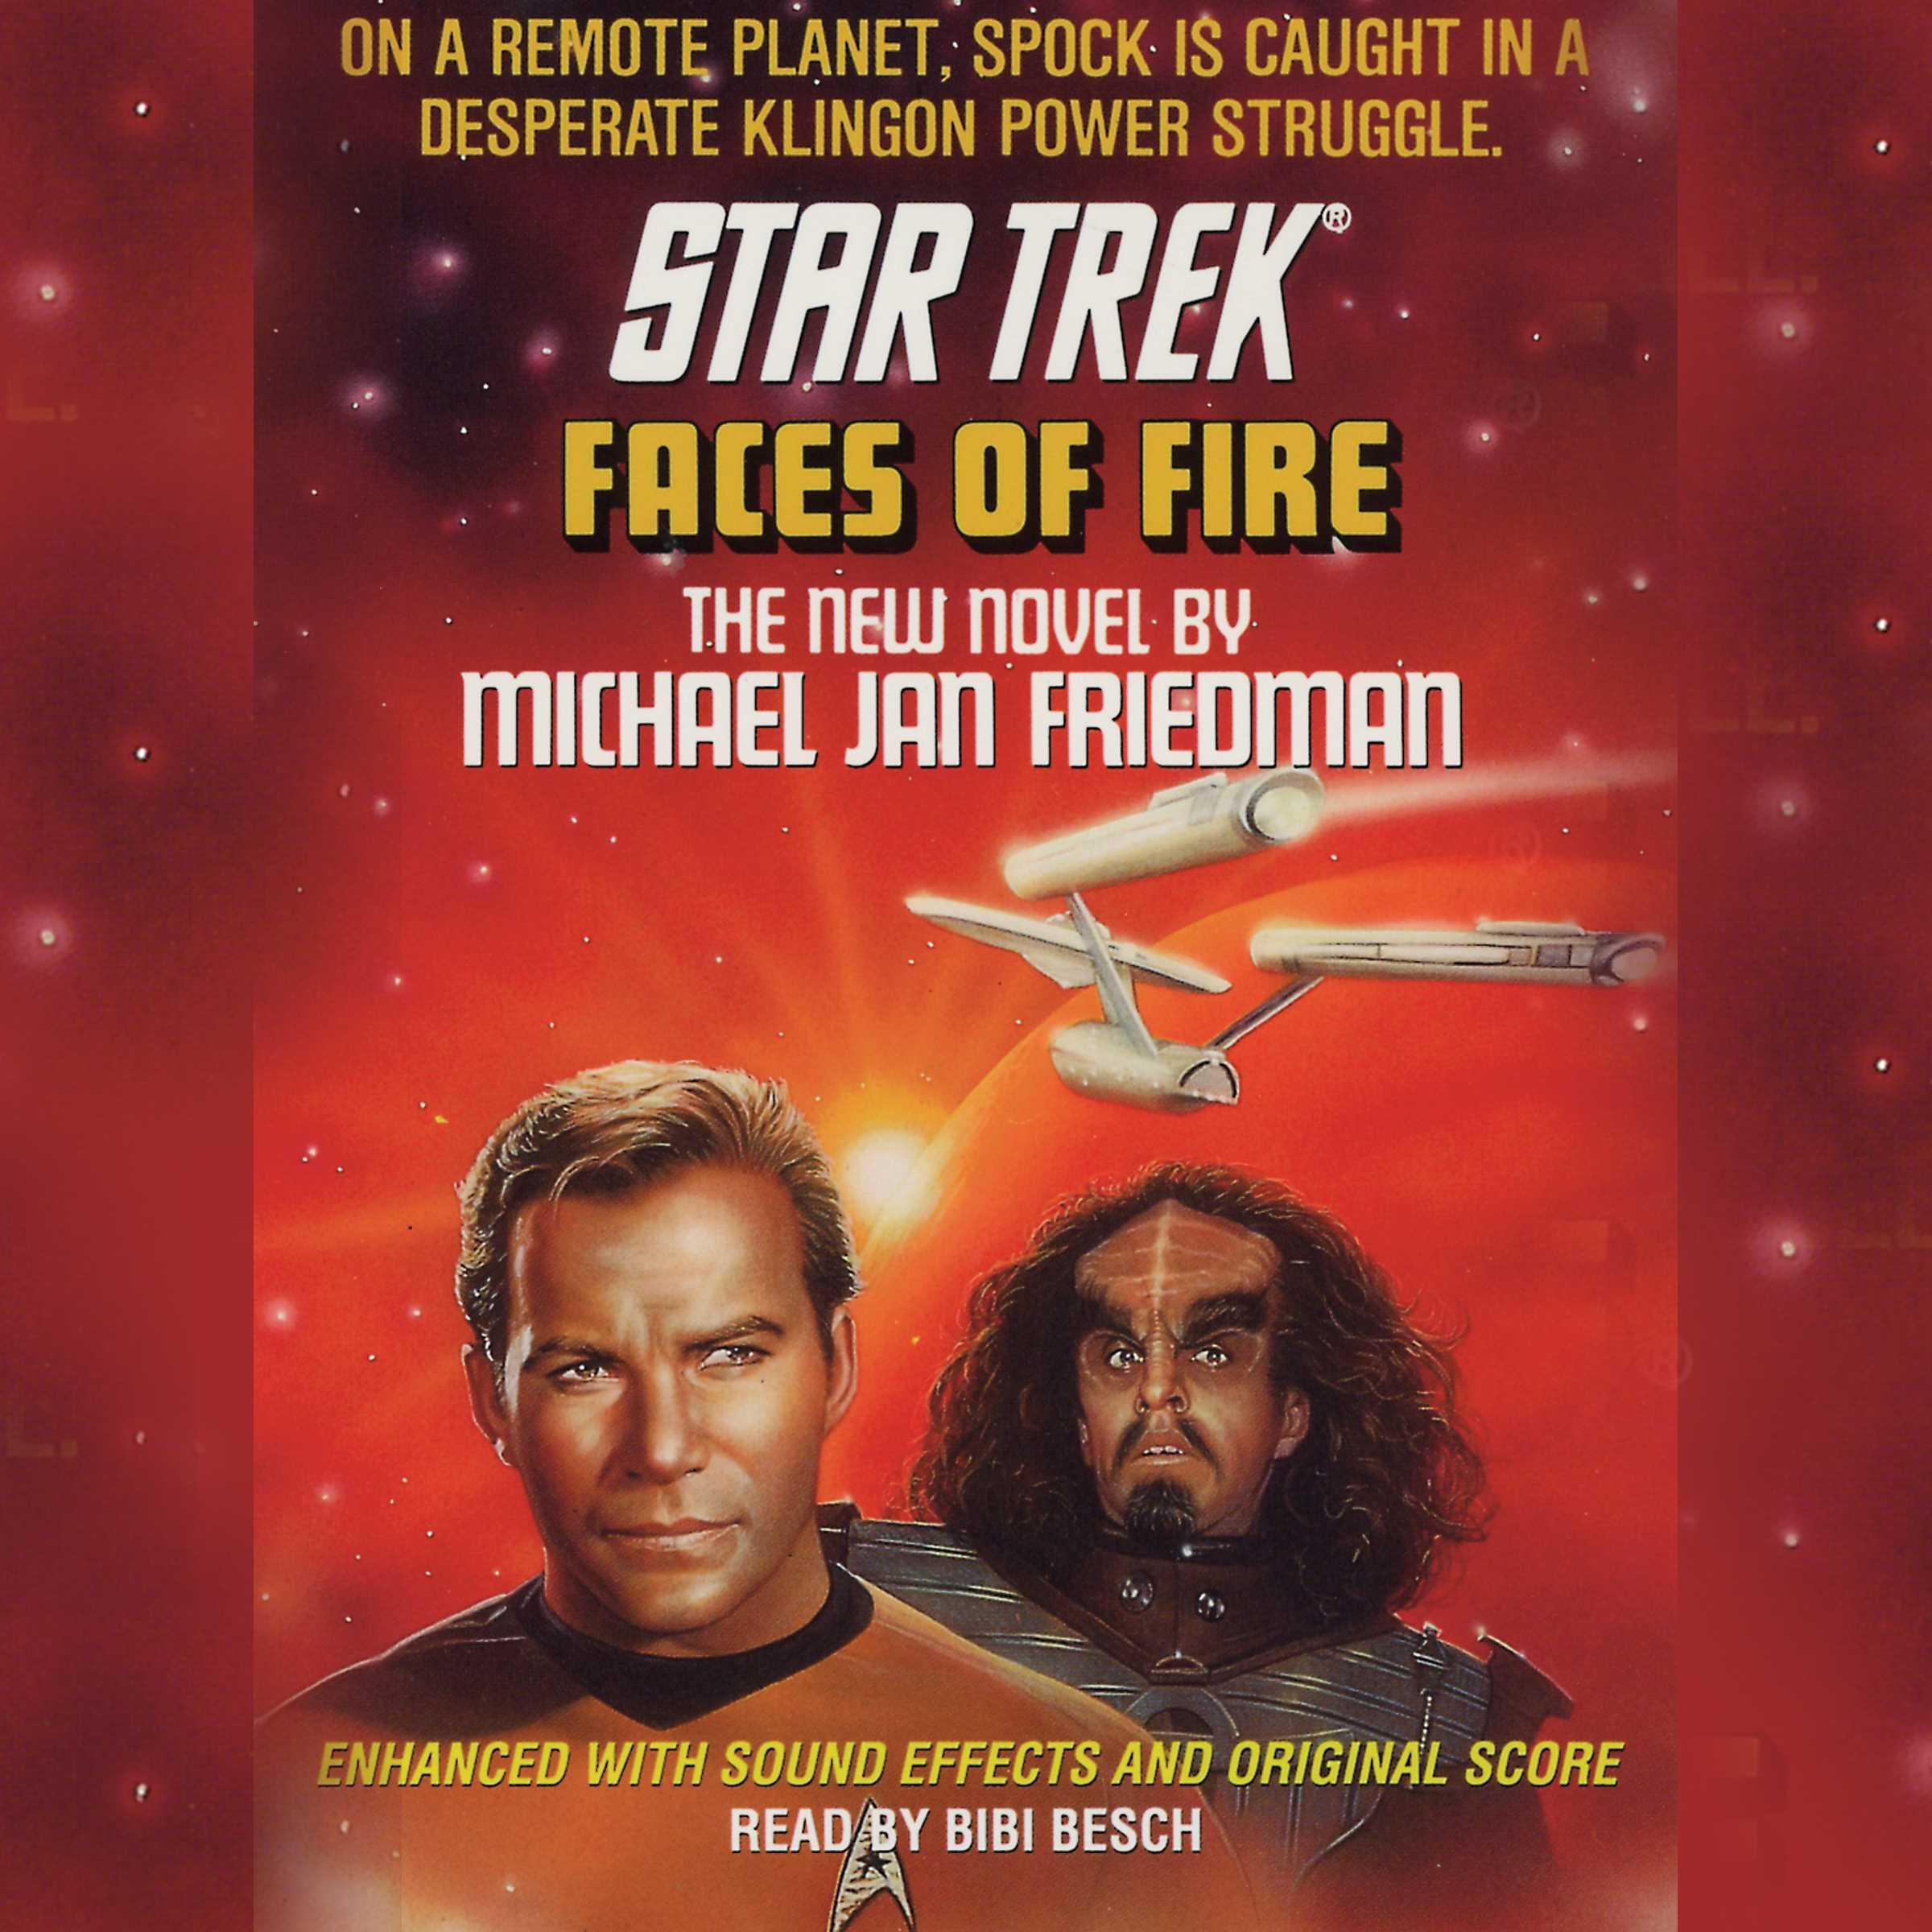 Star trek faces of fire 9780743546614 hr